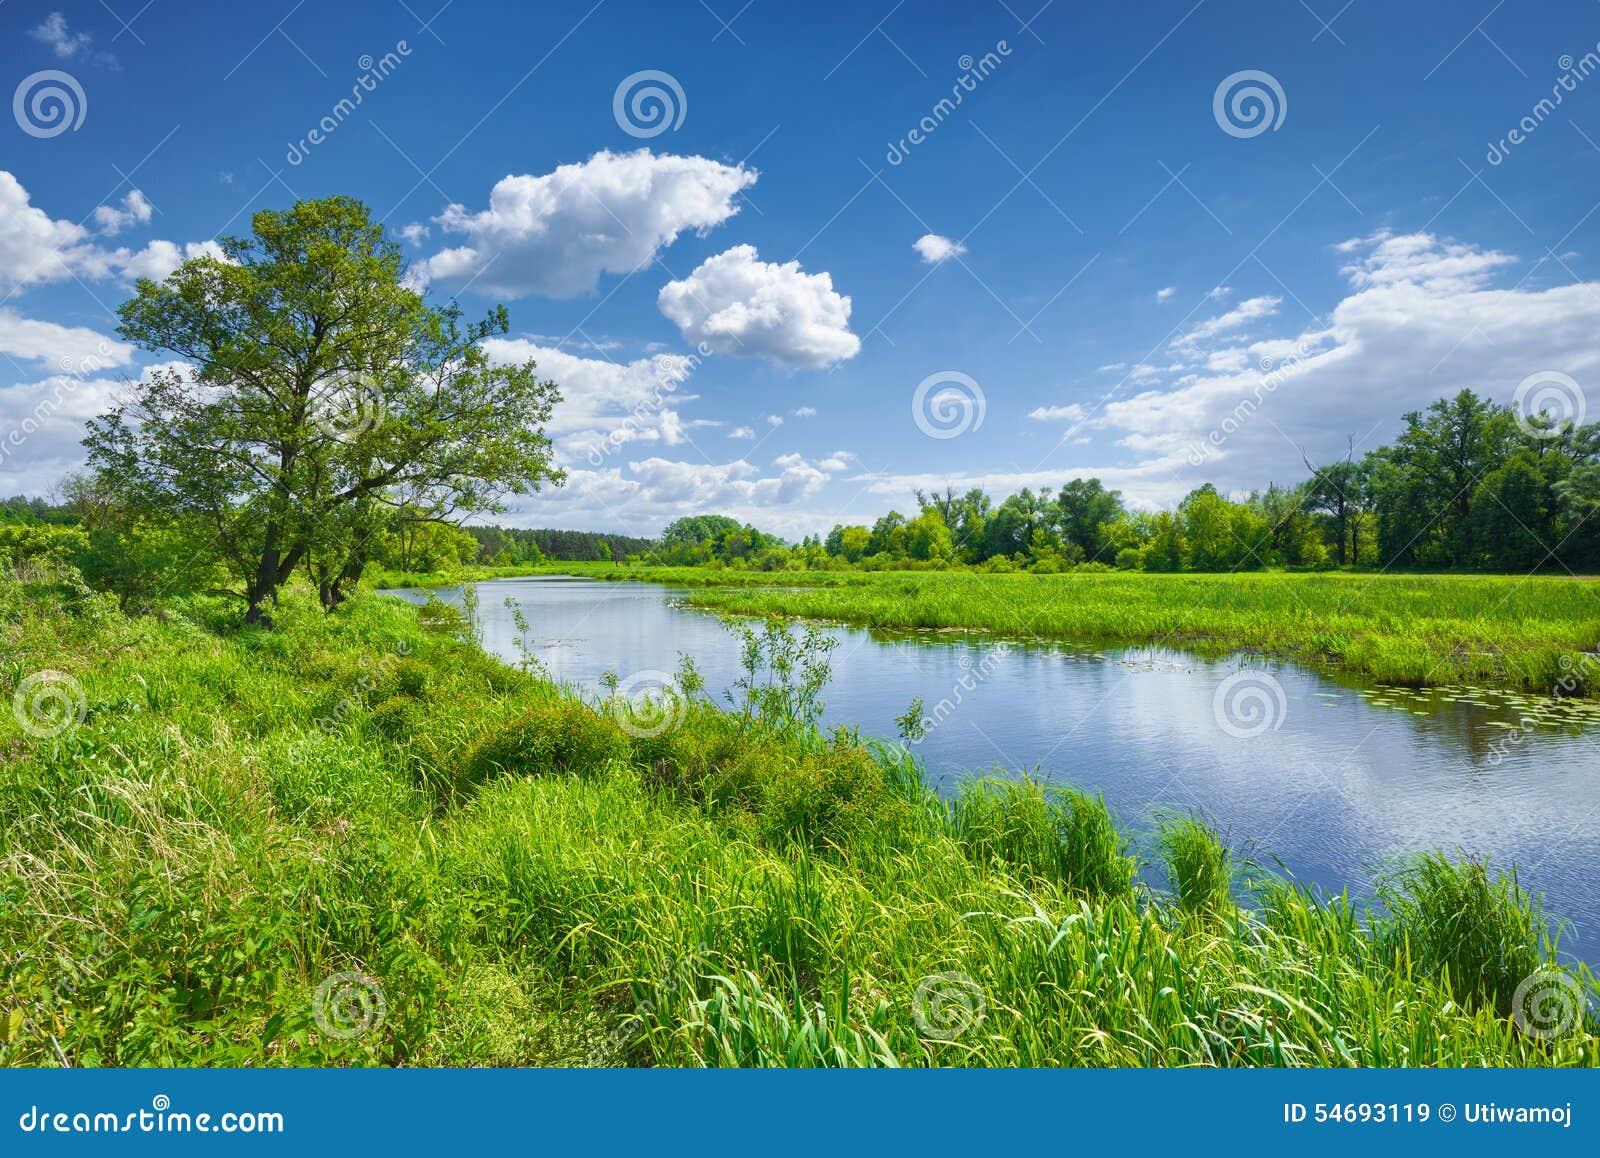 Himmel för landskapet för vårsommarfloden fördunklar blå bygd